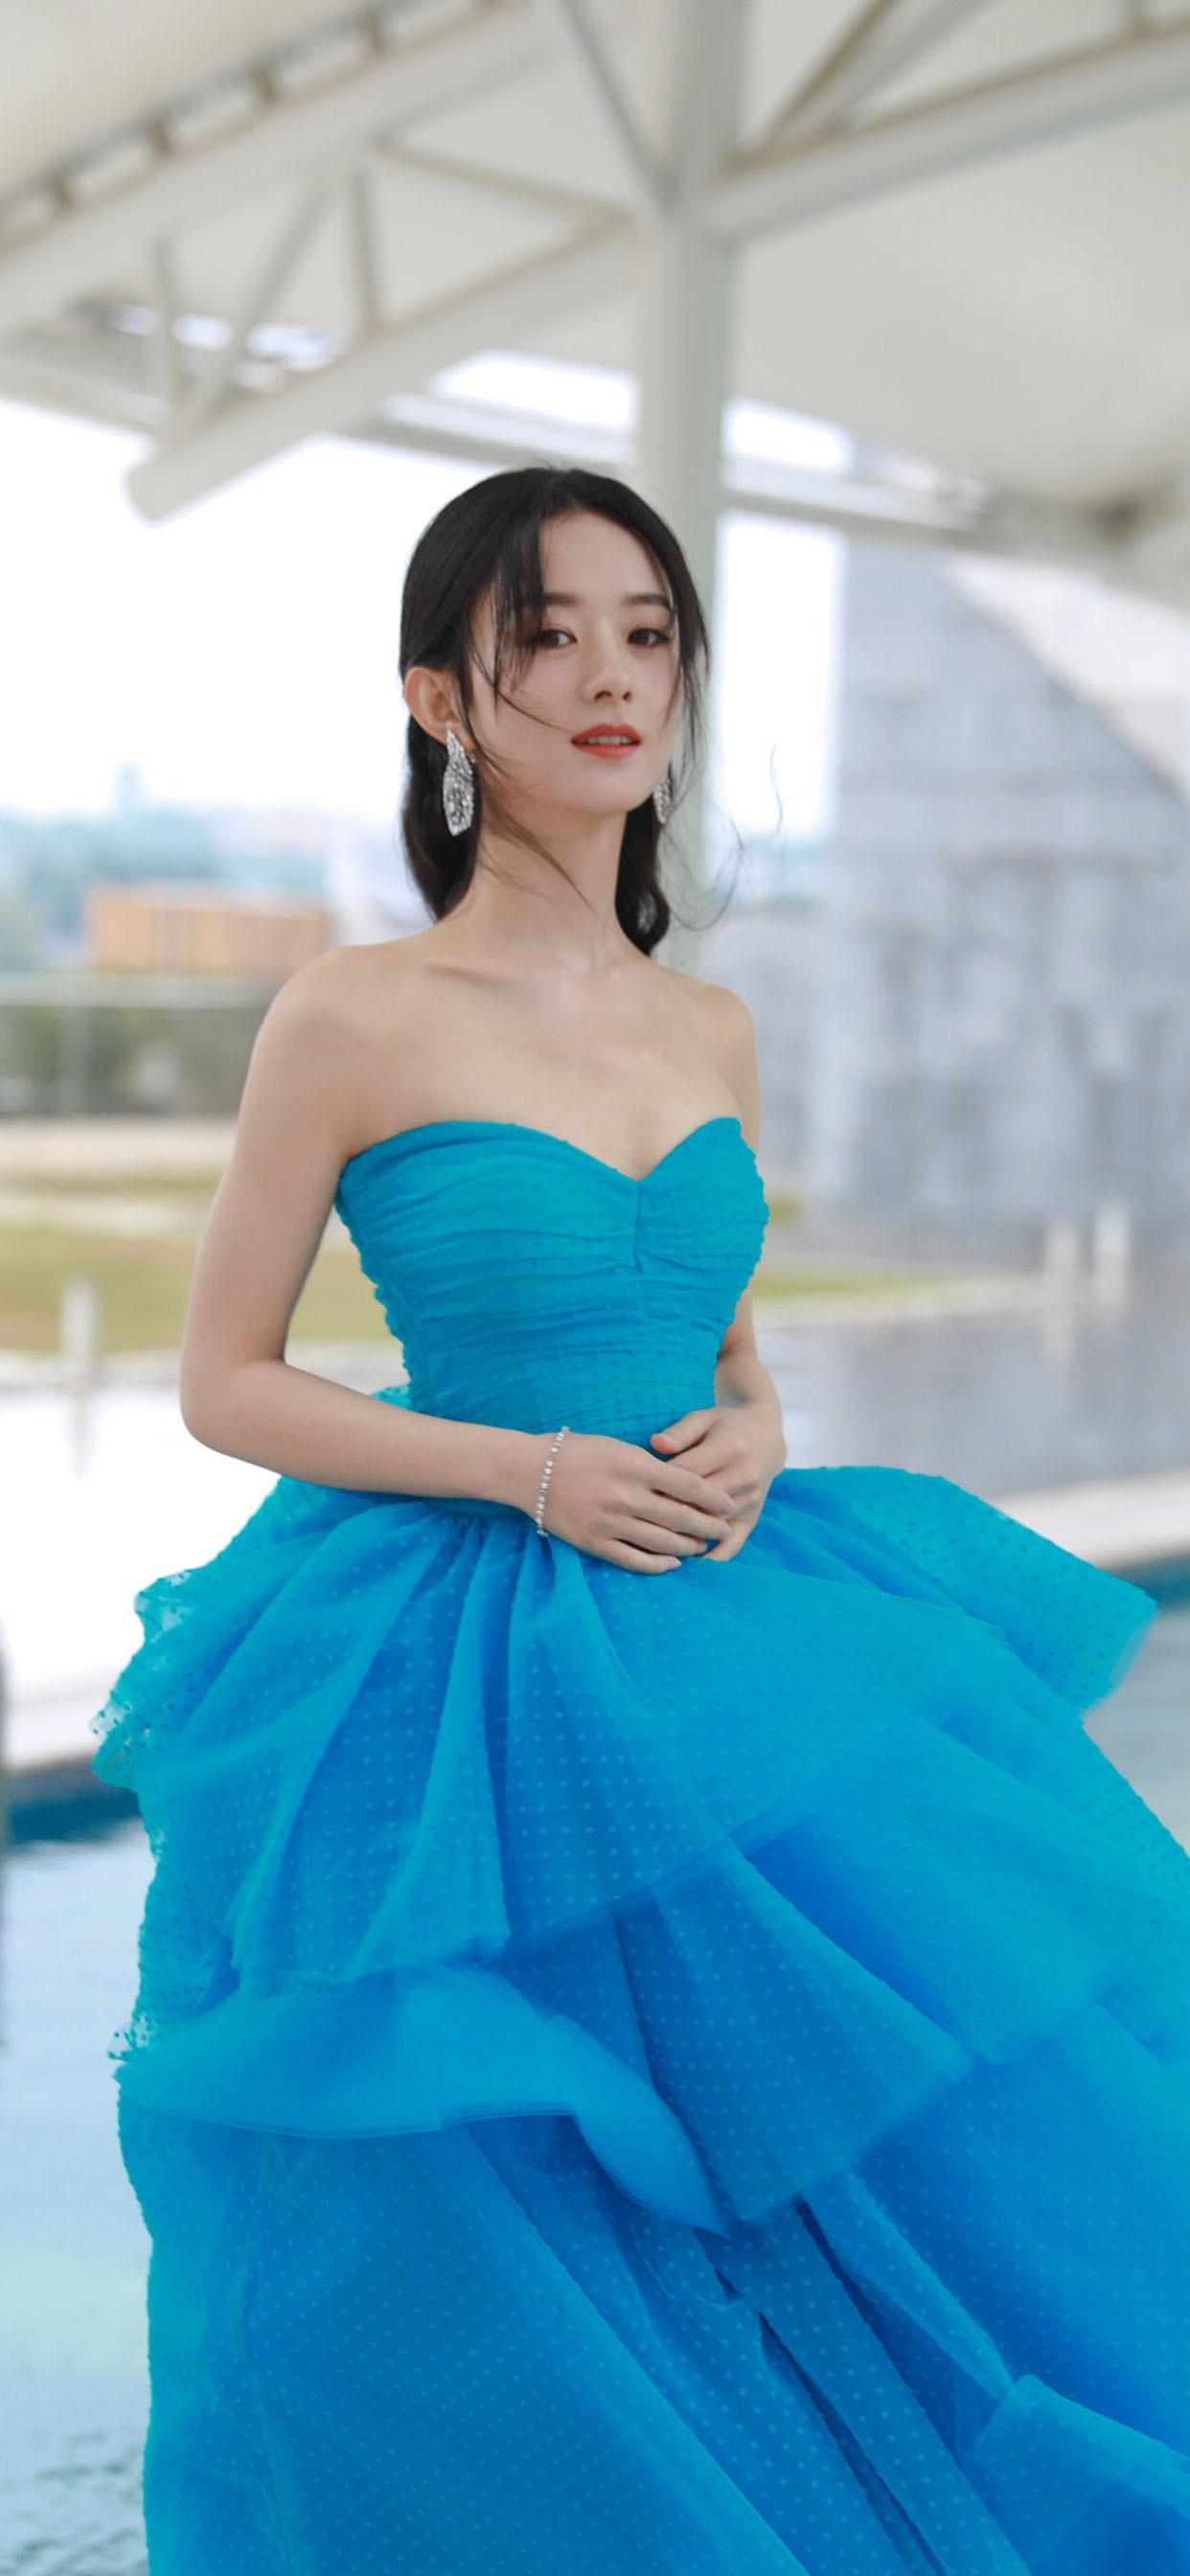 赵丽颖蓝色裙子手机壁纸